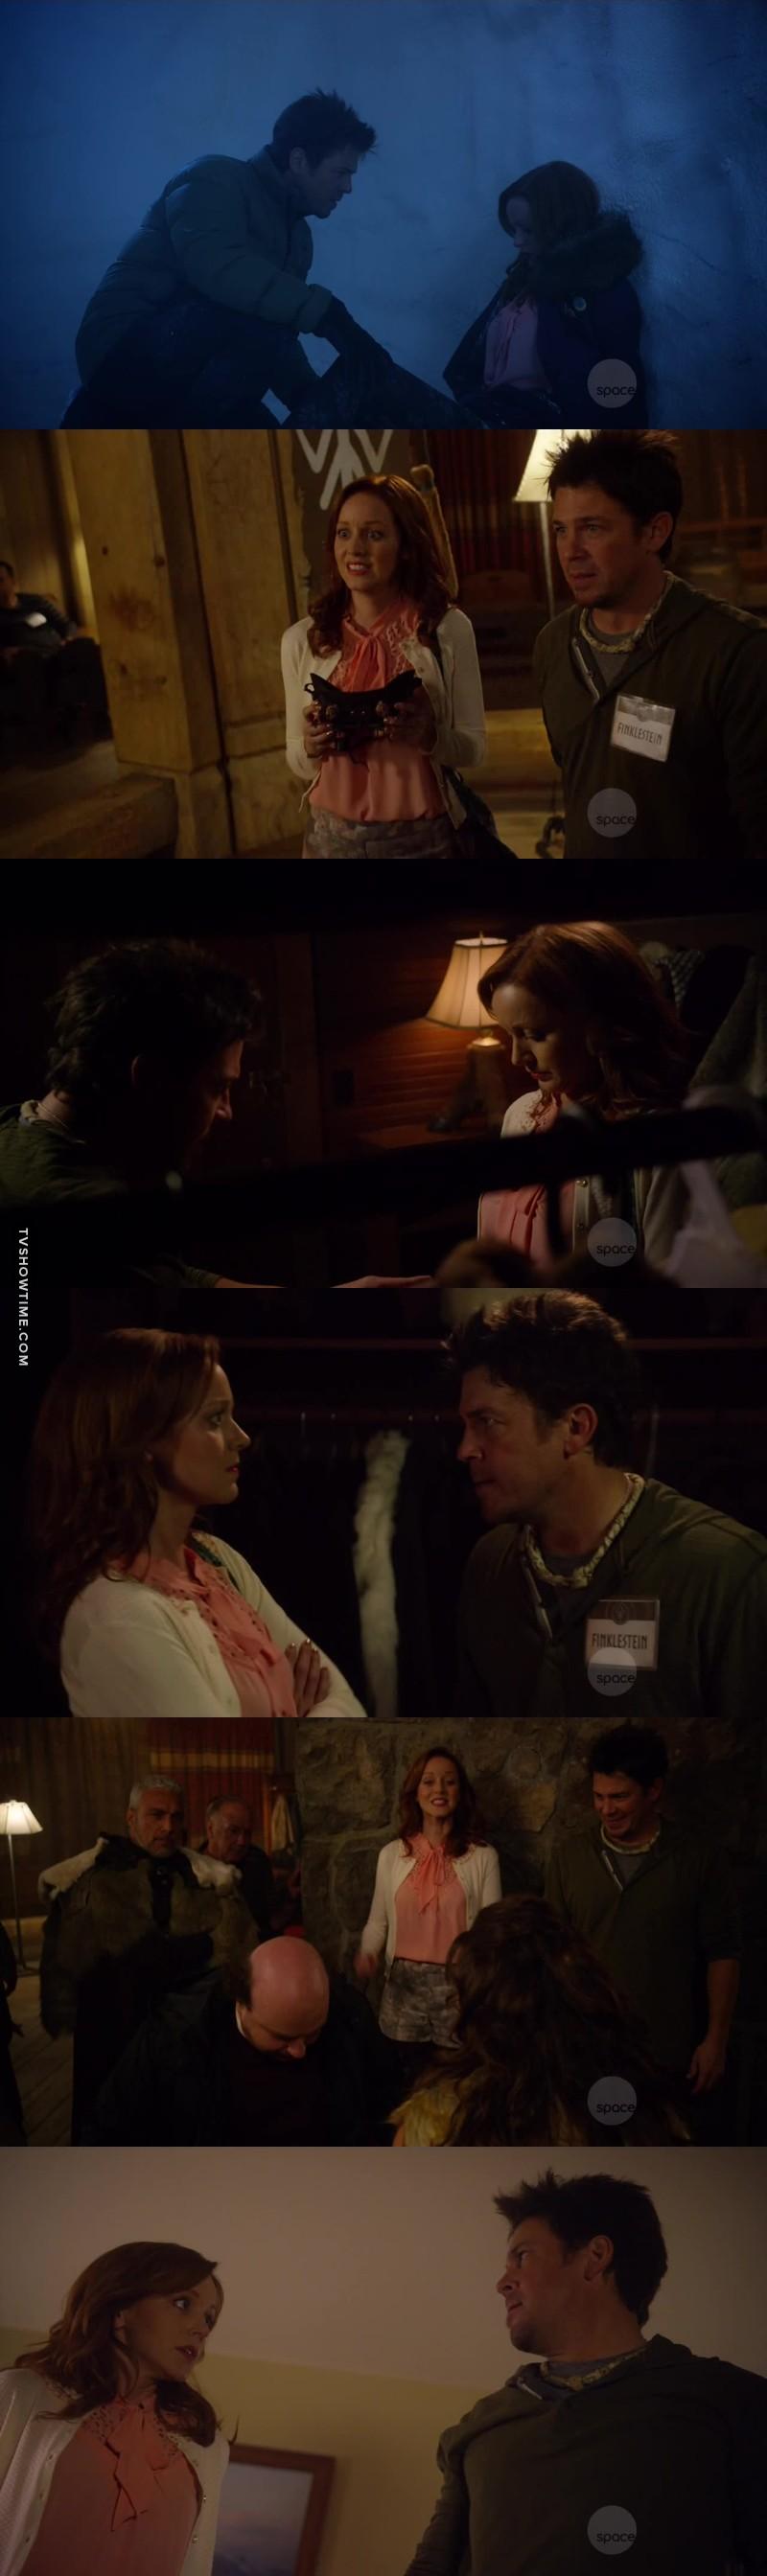 Finalmente una puntata incentrata su Stone e Cassandra 😂❤️😍